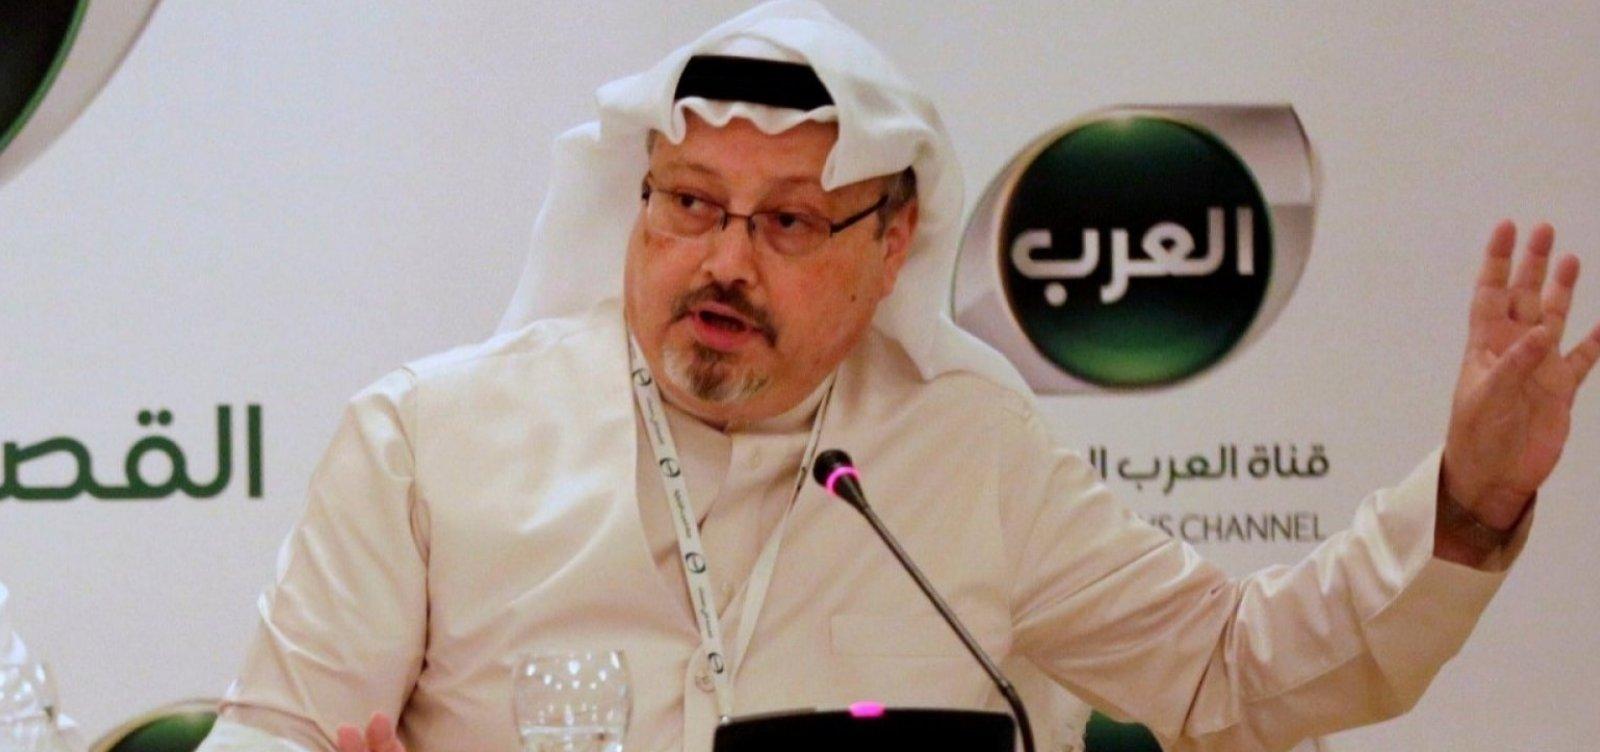 Partes do corpo de jornalista saudita são encontradas na casa do cônsul